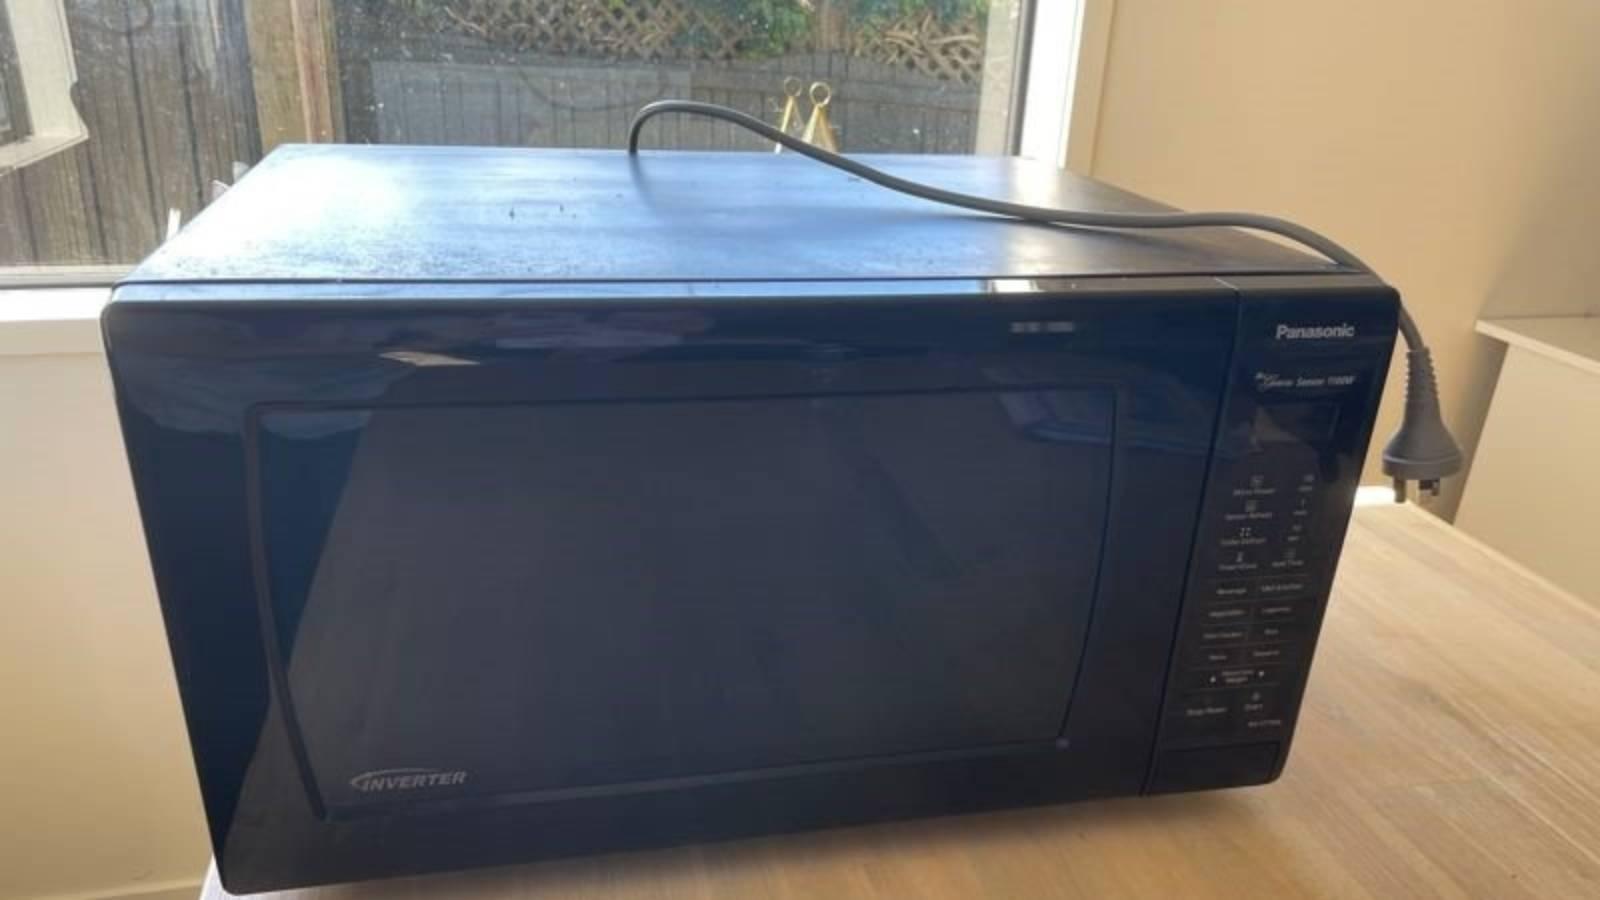 'Possessed' microwave seeks new home